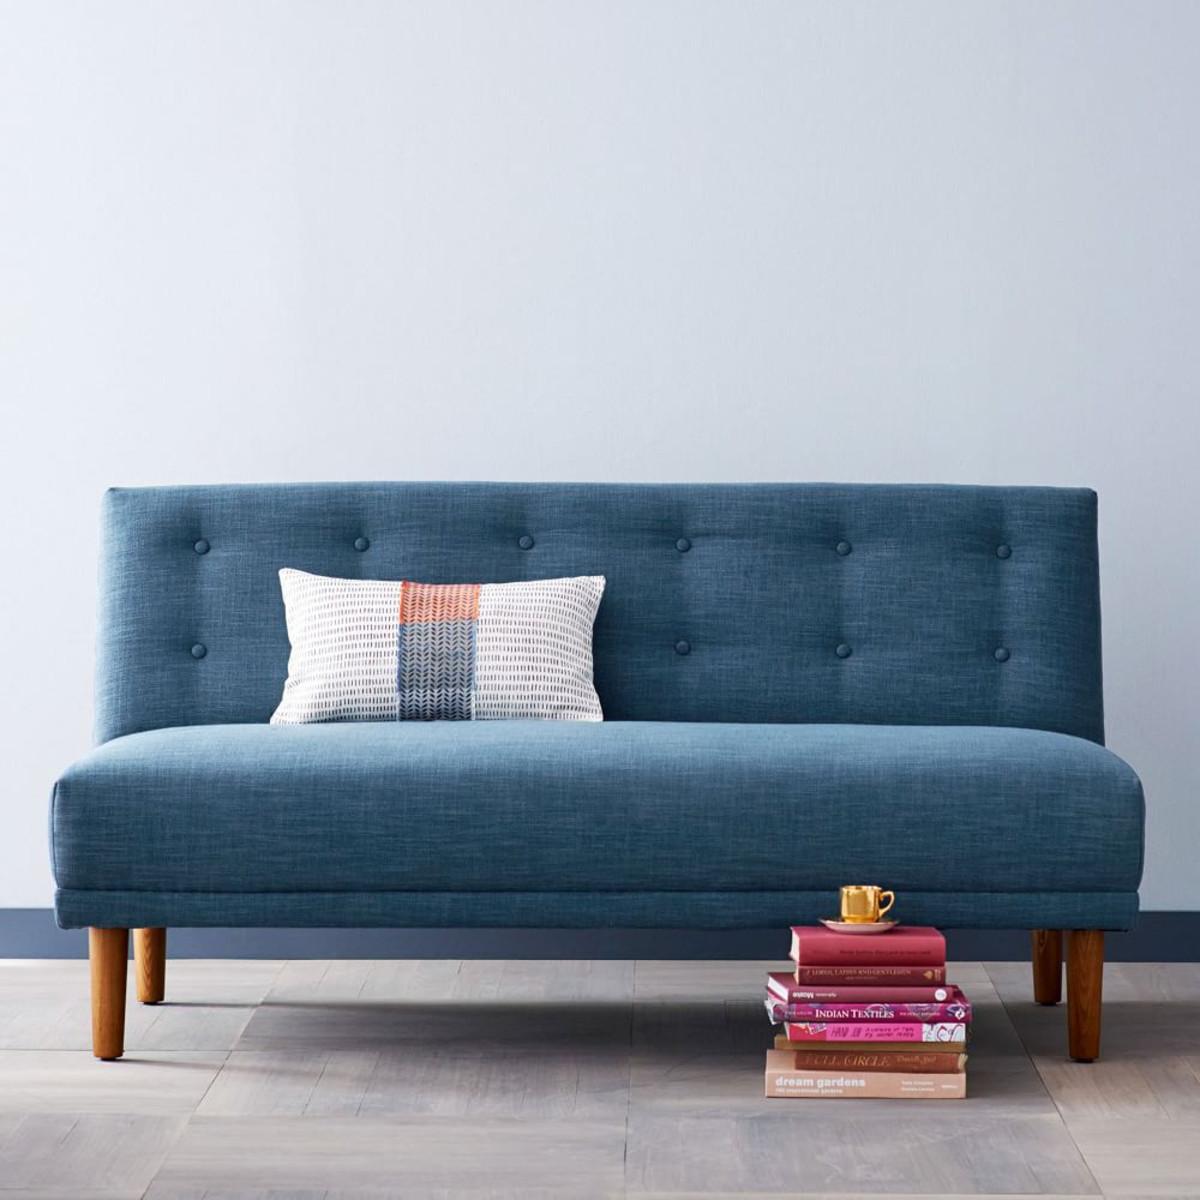 Retro Sofa  Rounded Retro Armless Sofa